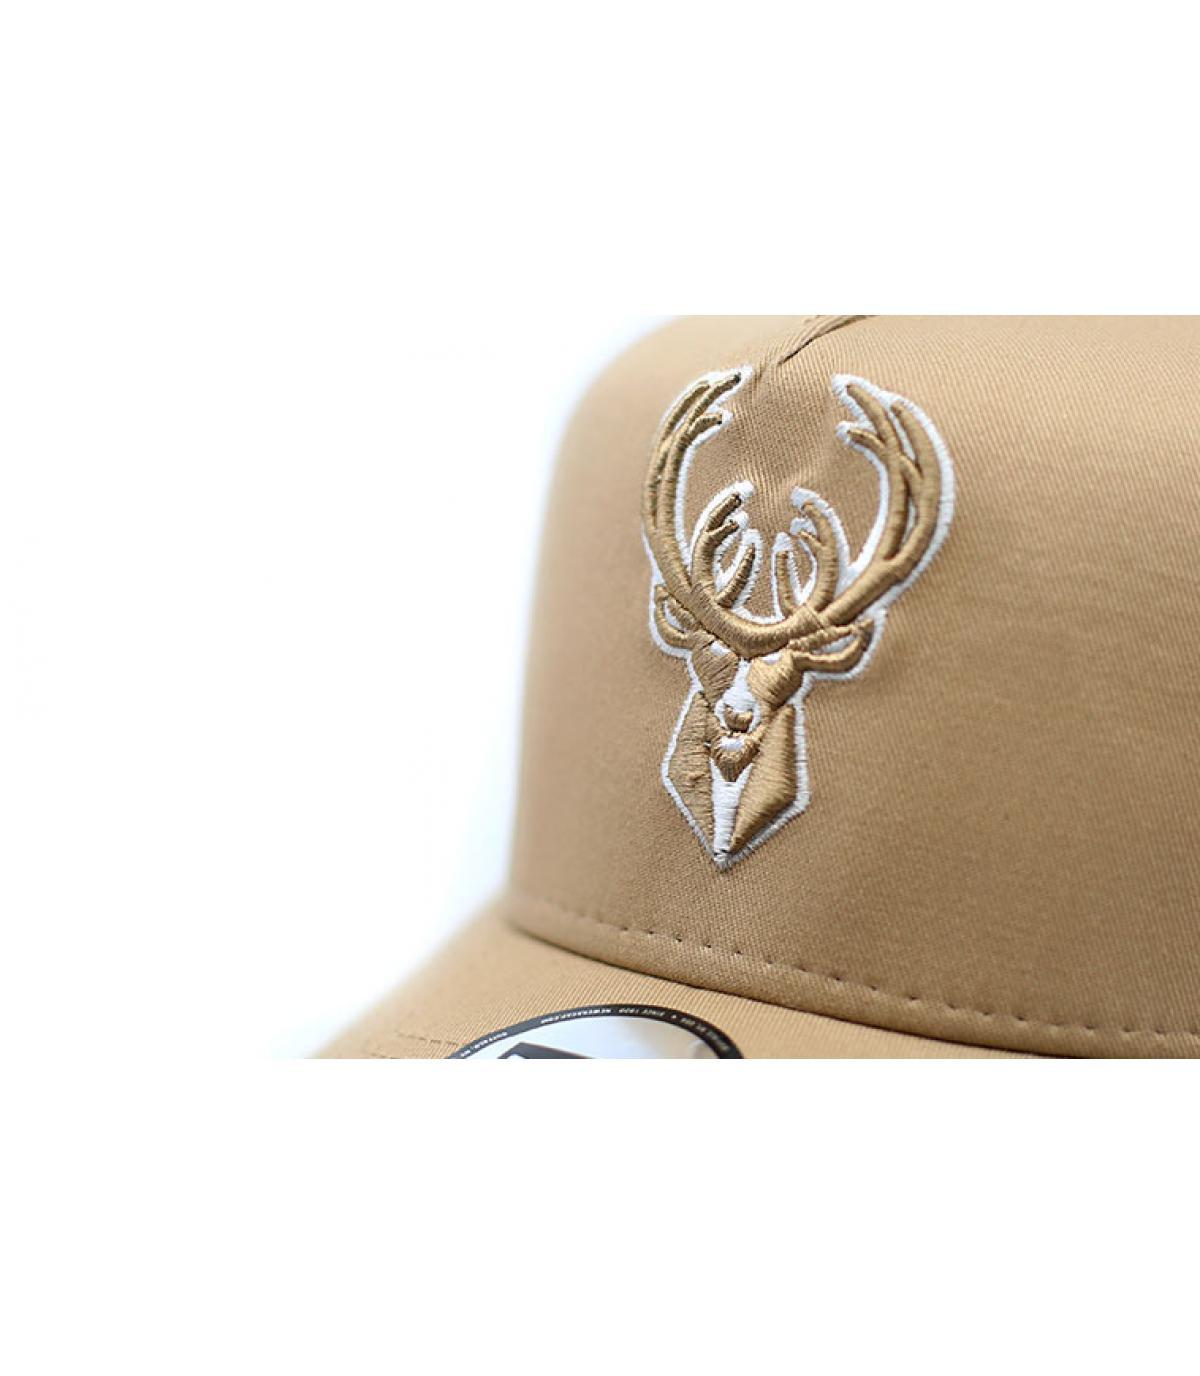 Détails Trucker NBA Ess Bucks camel - image 3